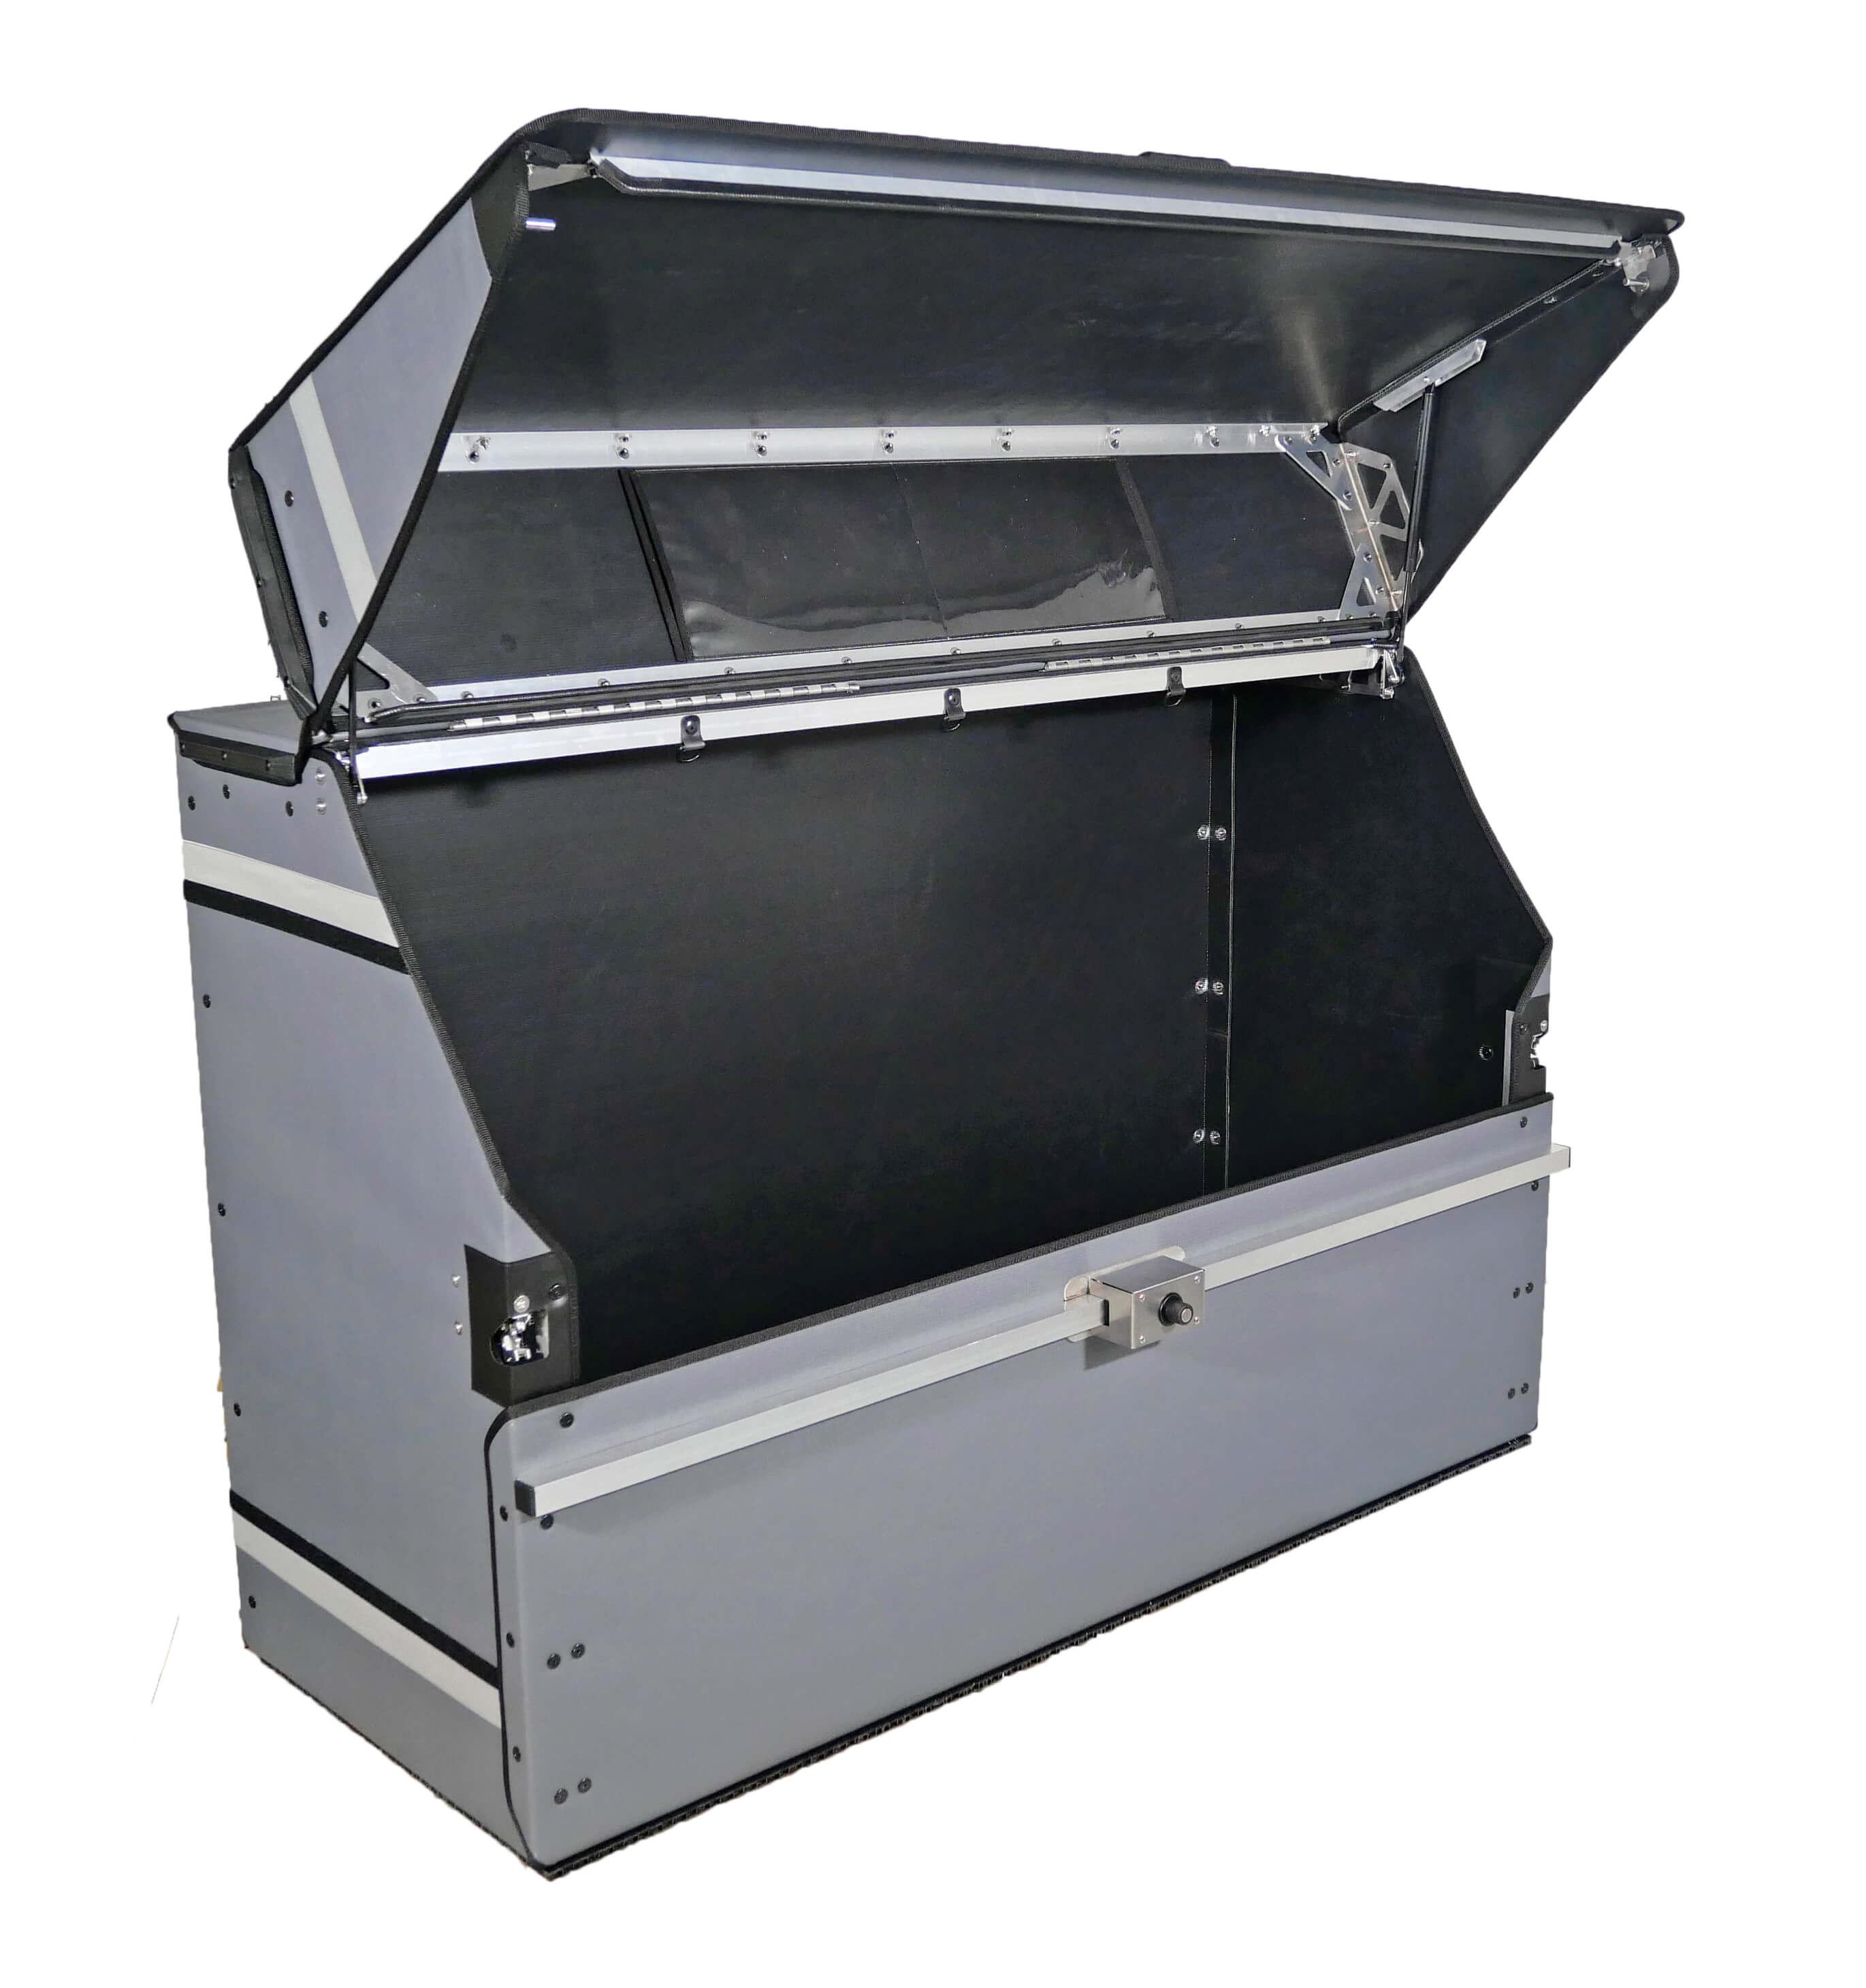 P-BOX standard ouverte pour livraison de colis, courses alimentaires etc.